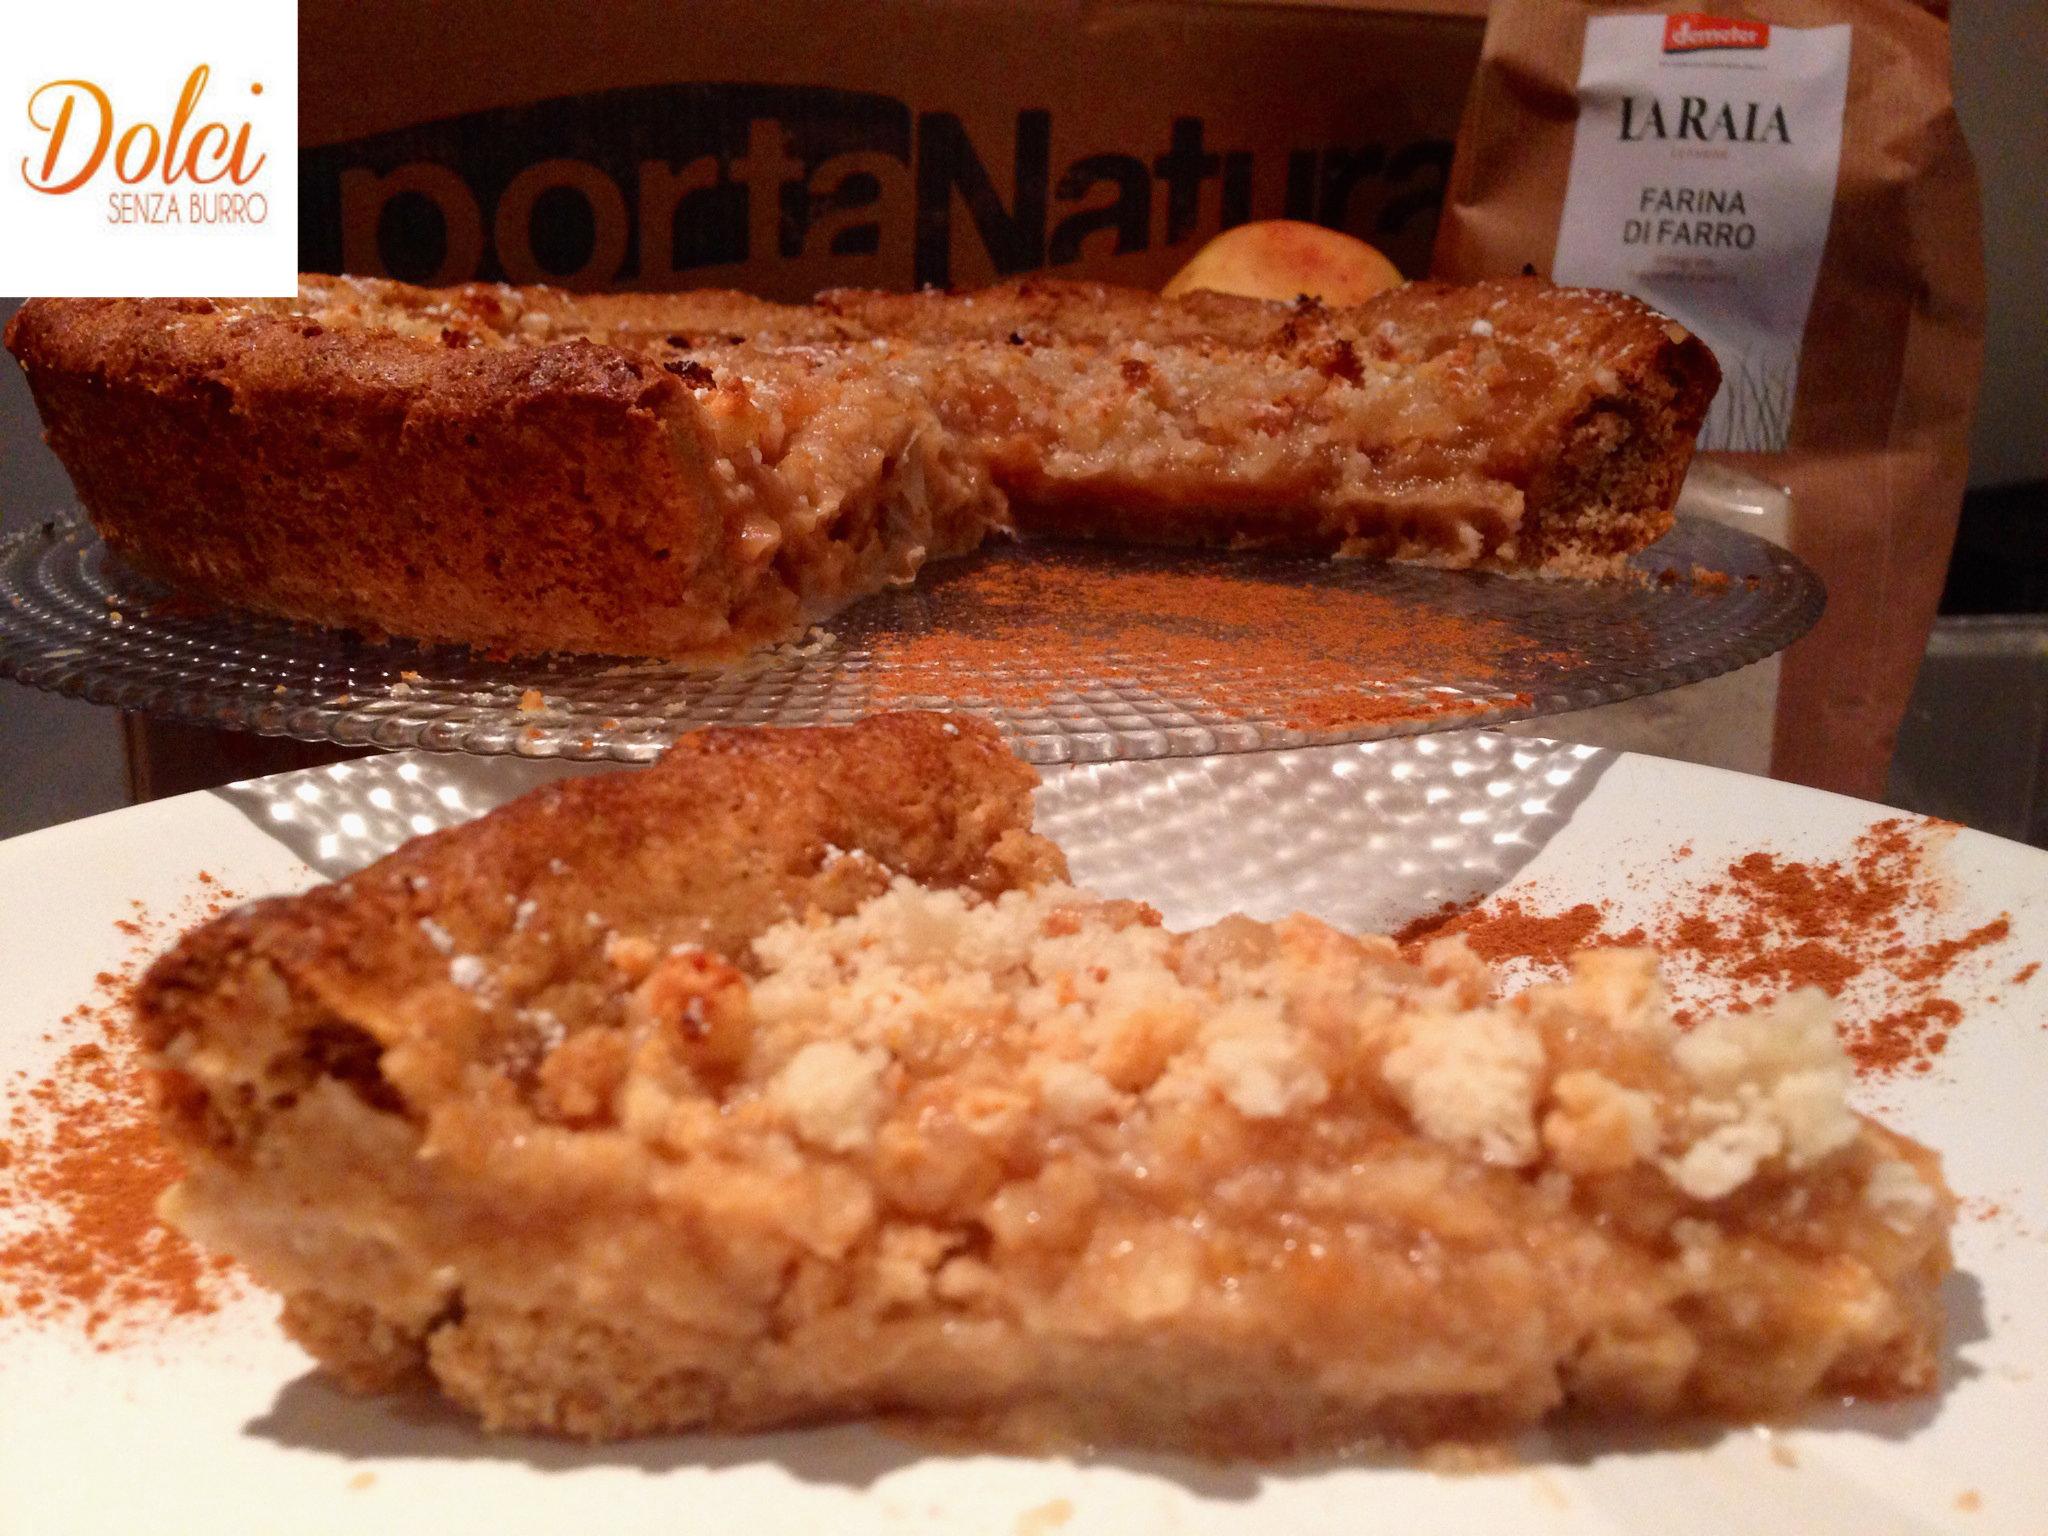 Crostata di Farro Senza Burro, una crostata senza lattosio e senza uova di Dolci Senza Burro